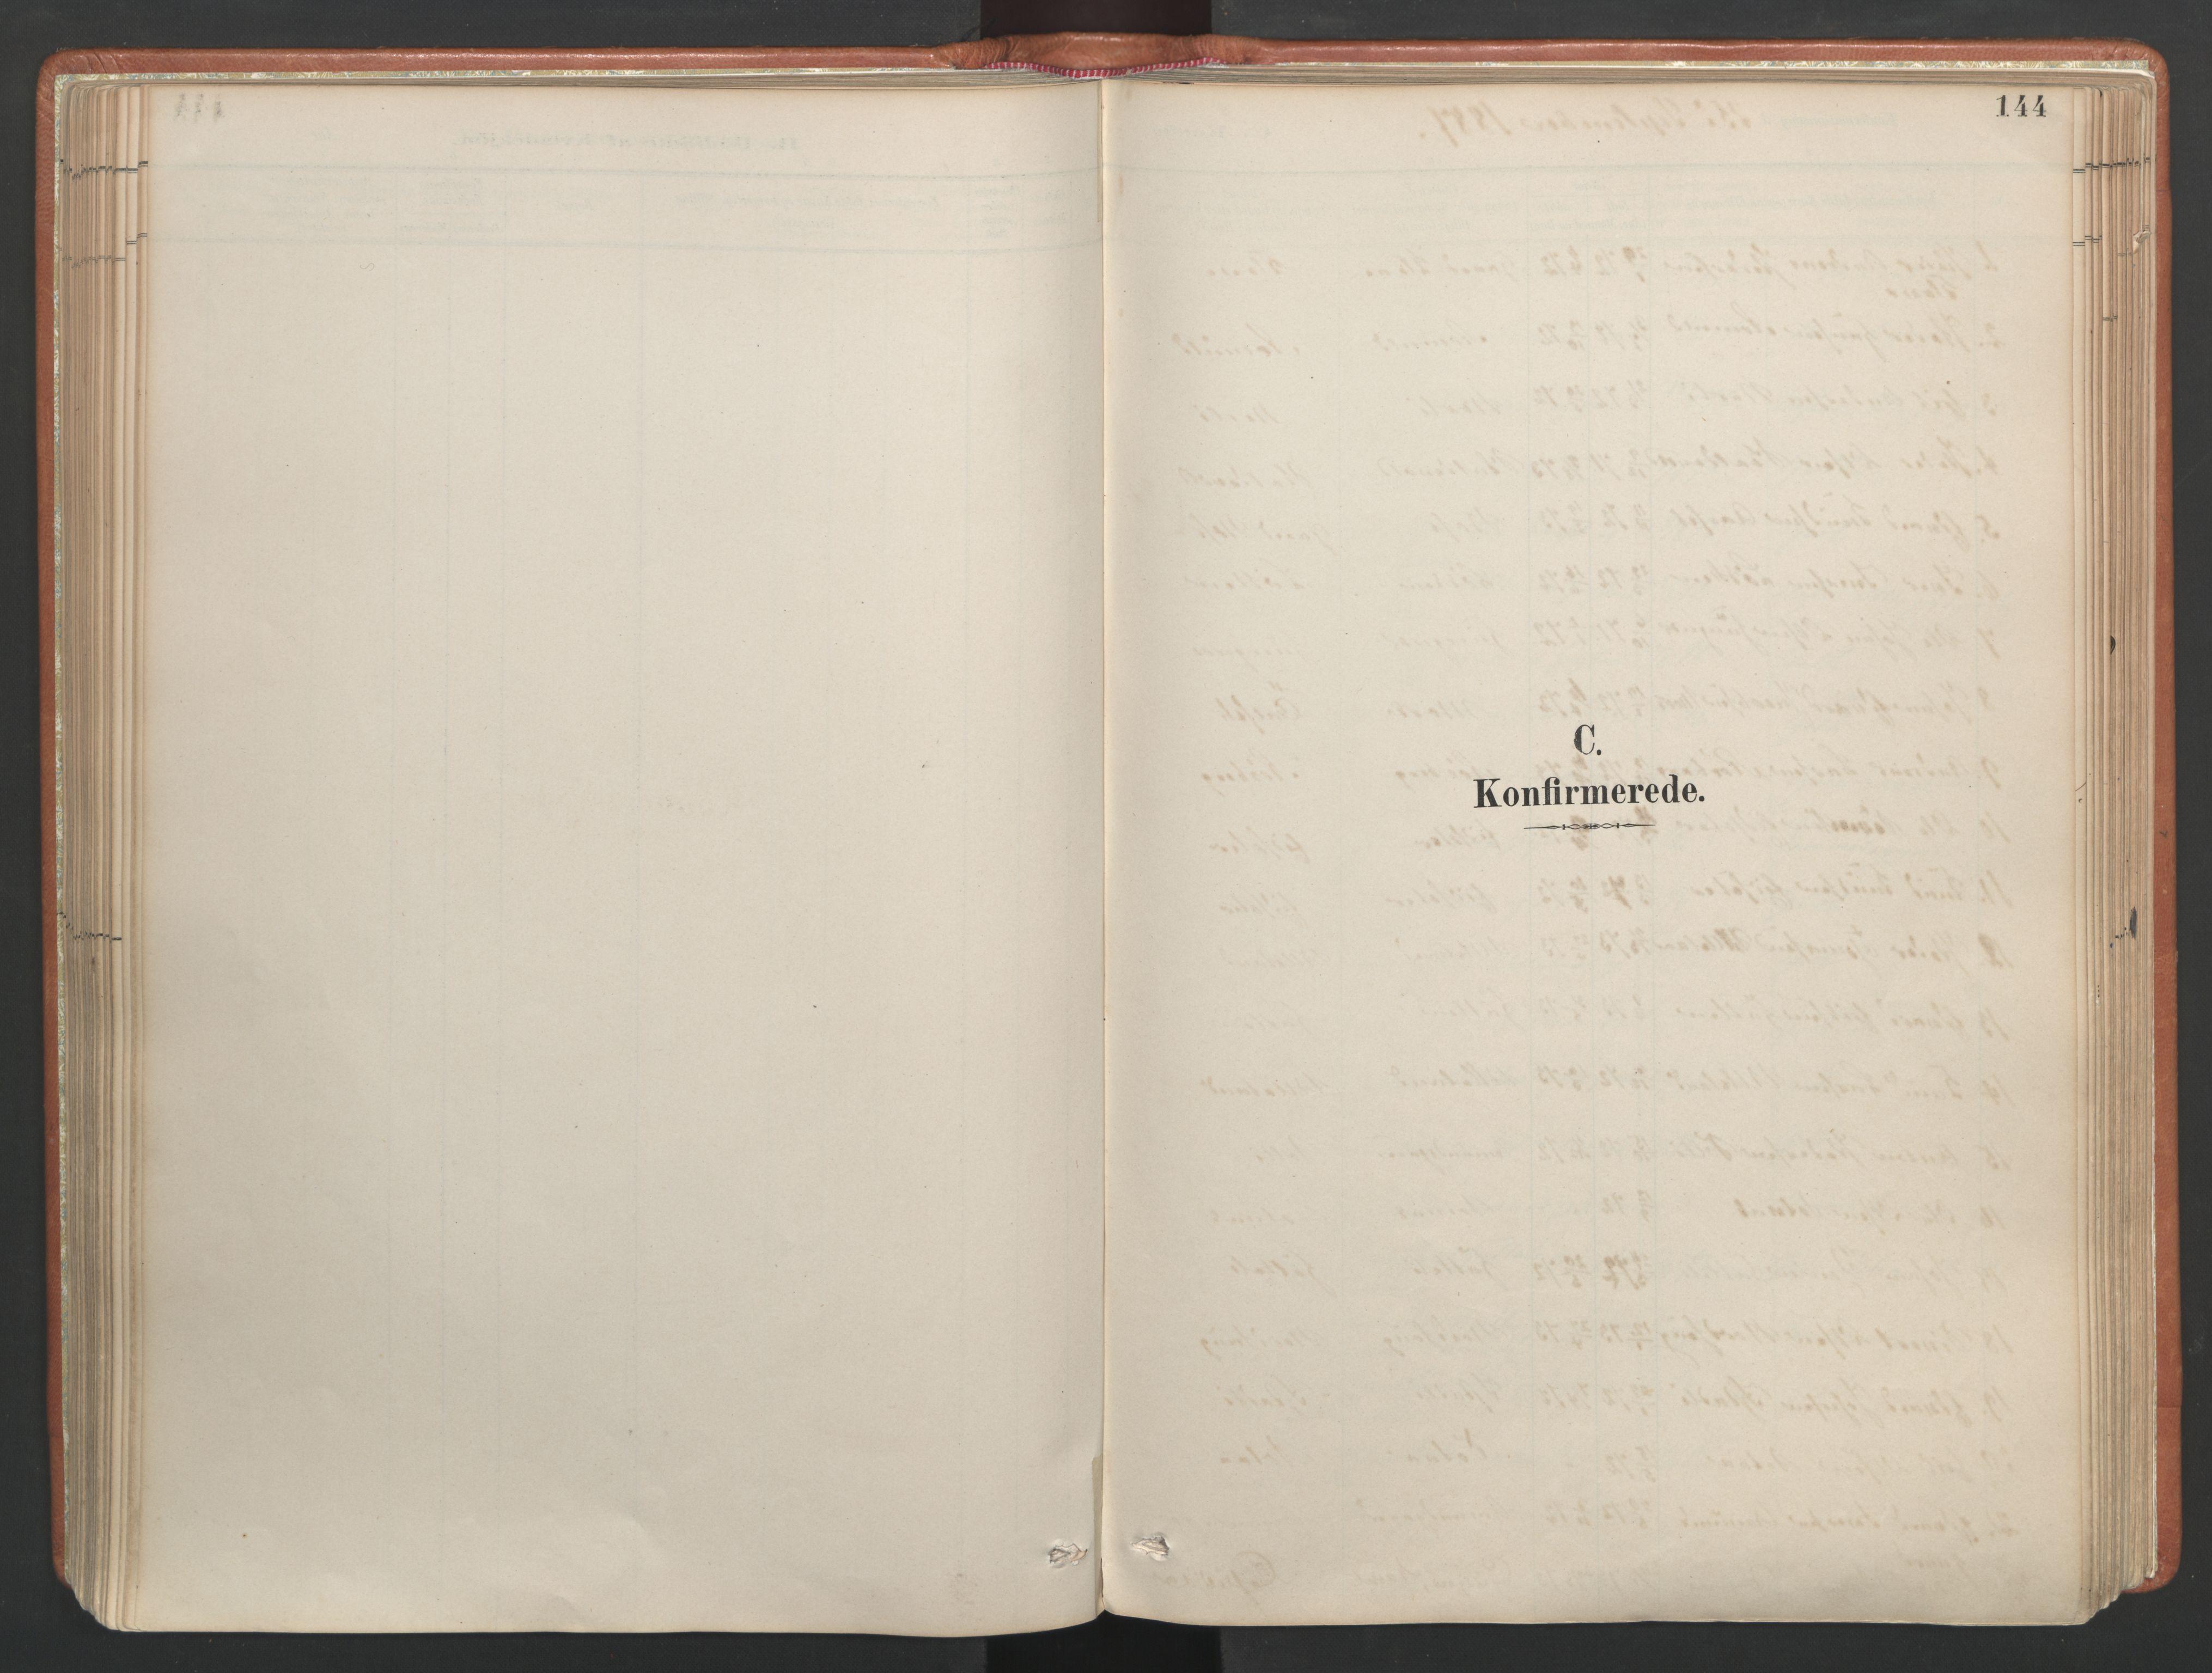 SAT, Ministerialprotokoller, klokkerbøker og fødselsregistre - Møre og Romsdal, 557/L0682: Parish register (official) no. 557A04, 1887-1970, p. 144